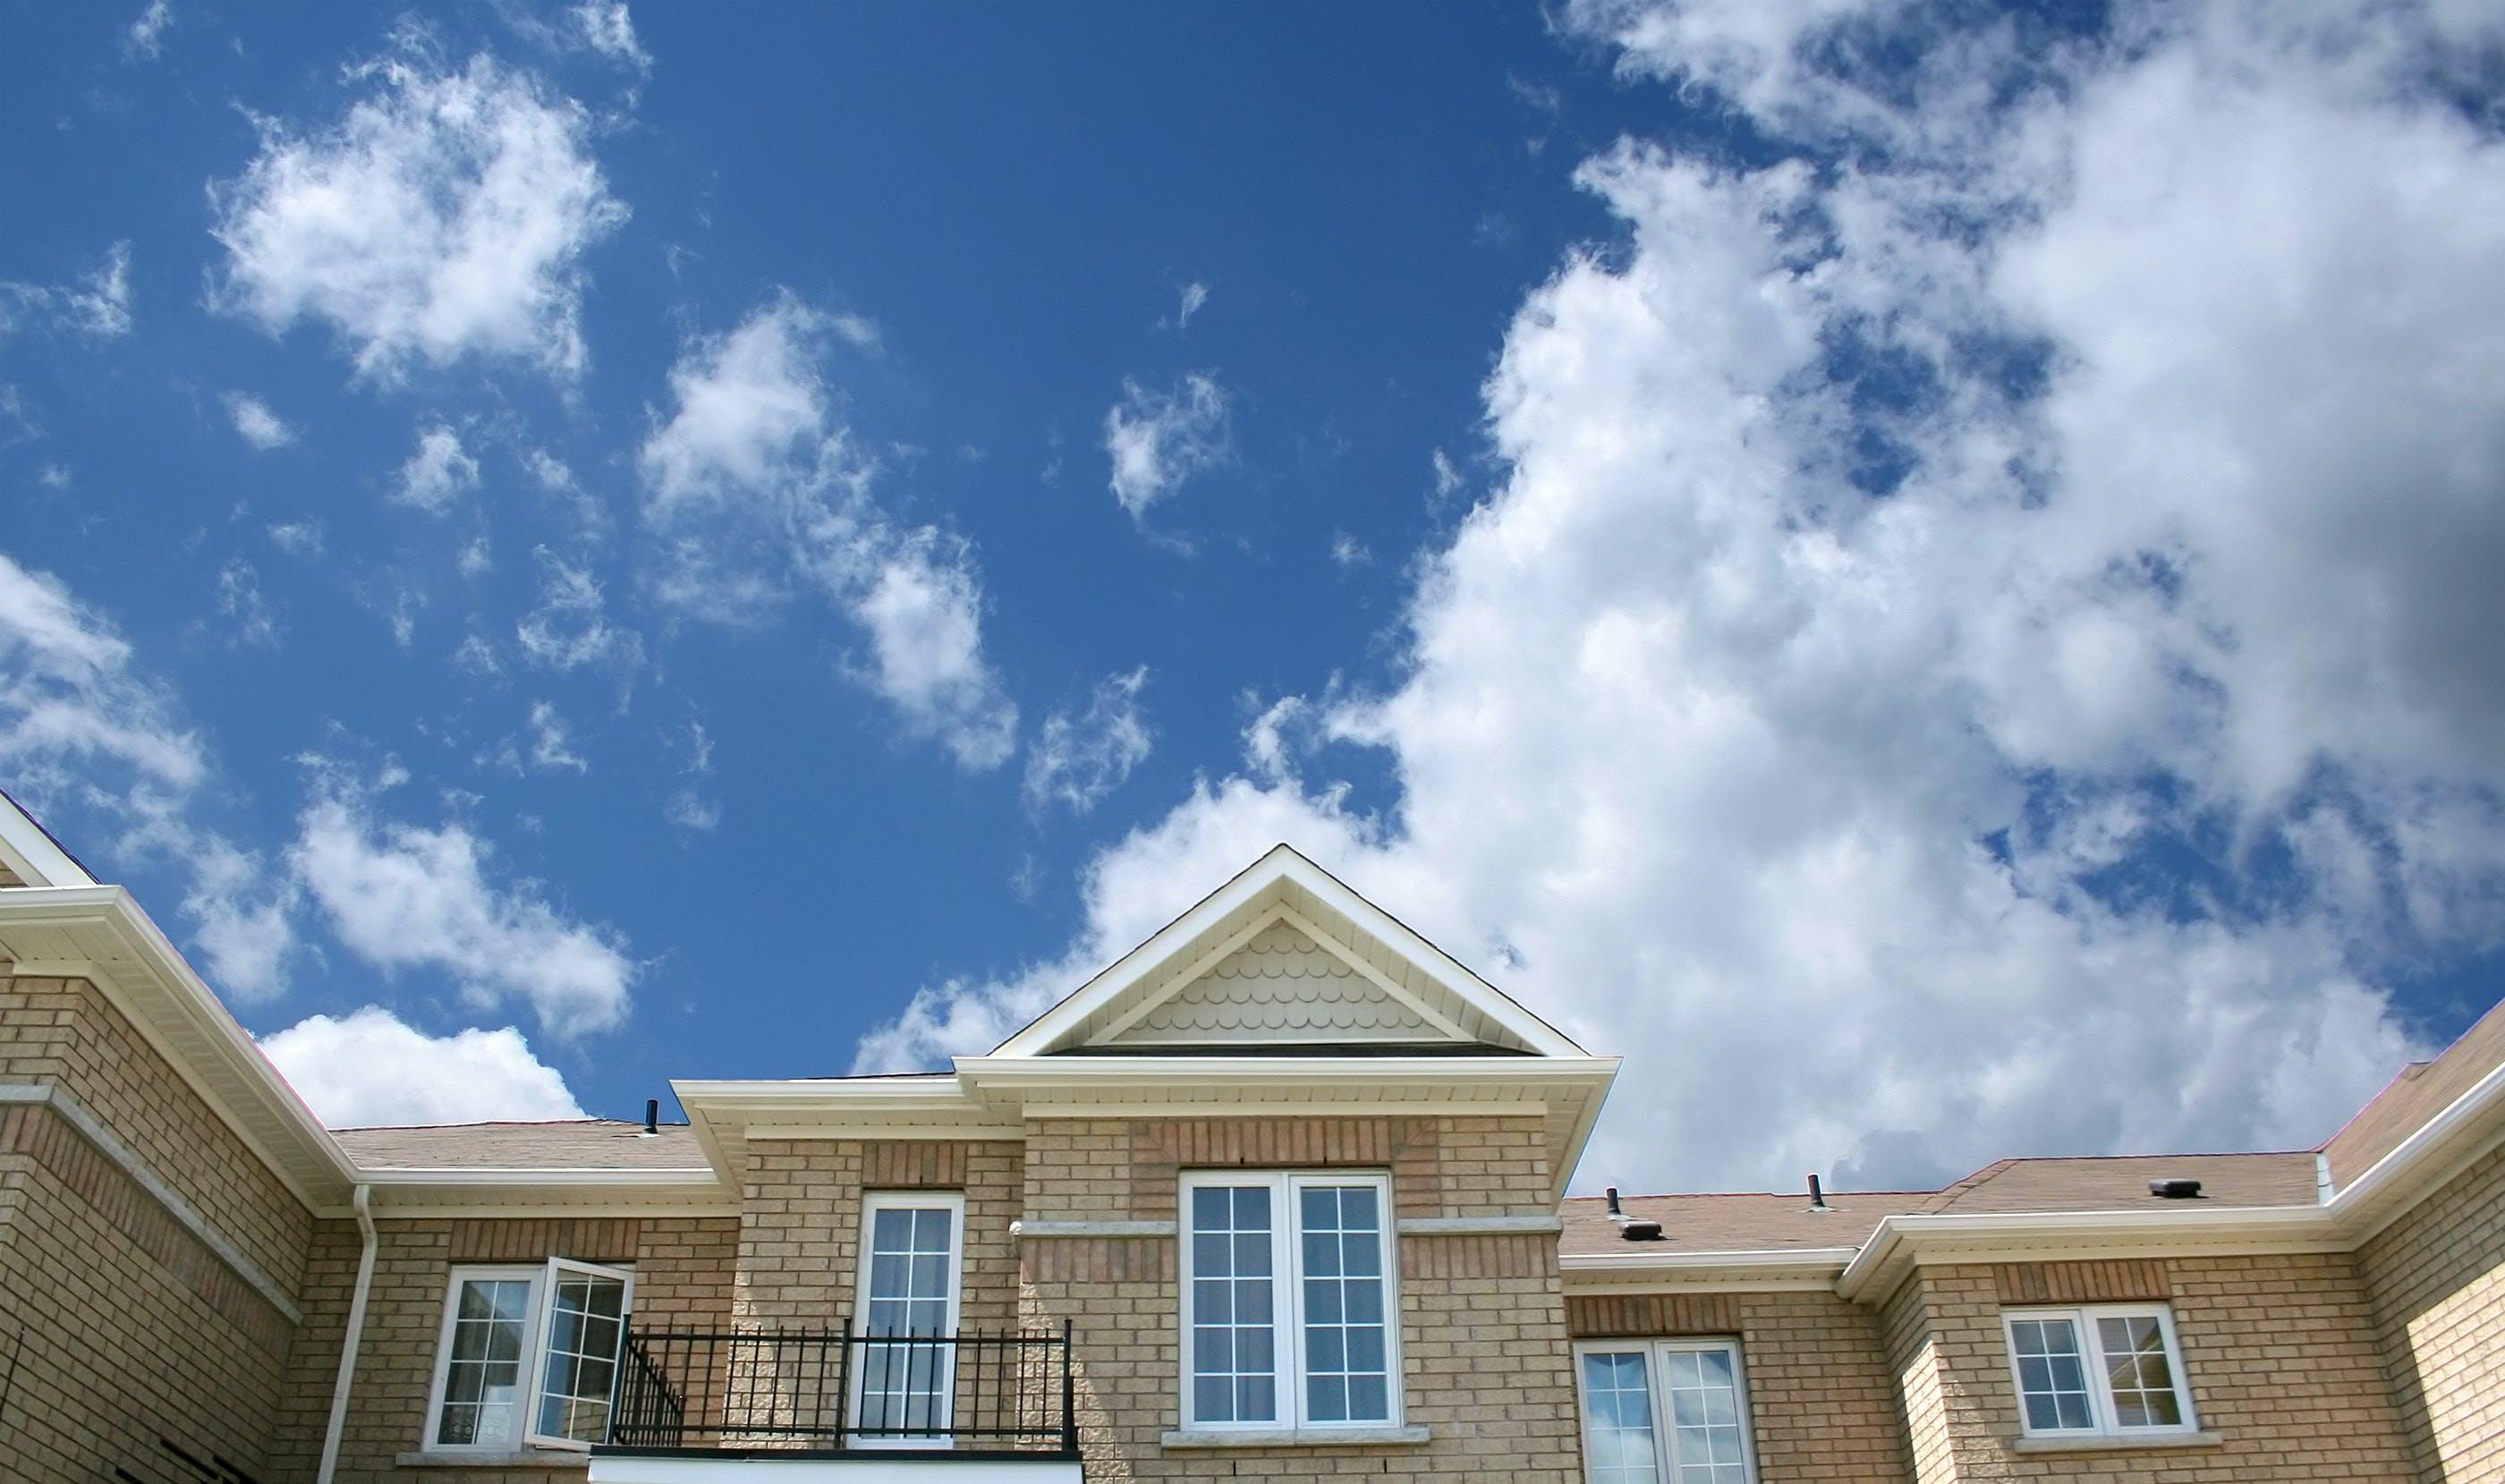 Brown Bricked House Under Cloudy Skies